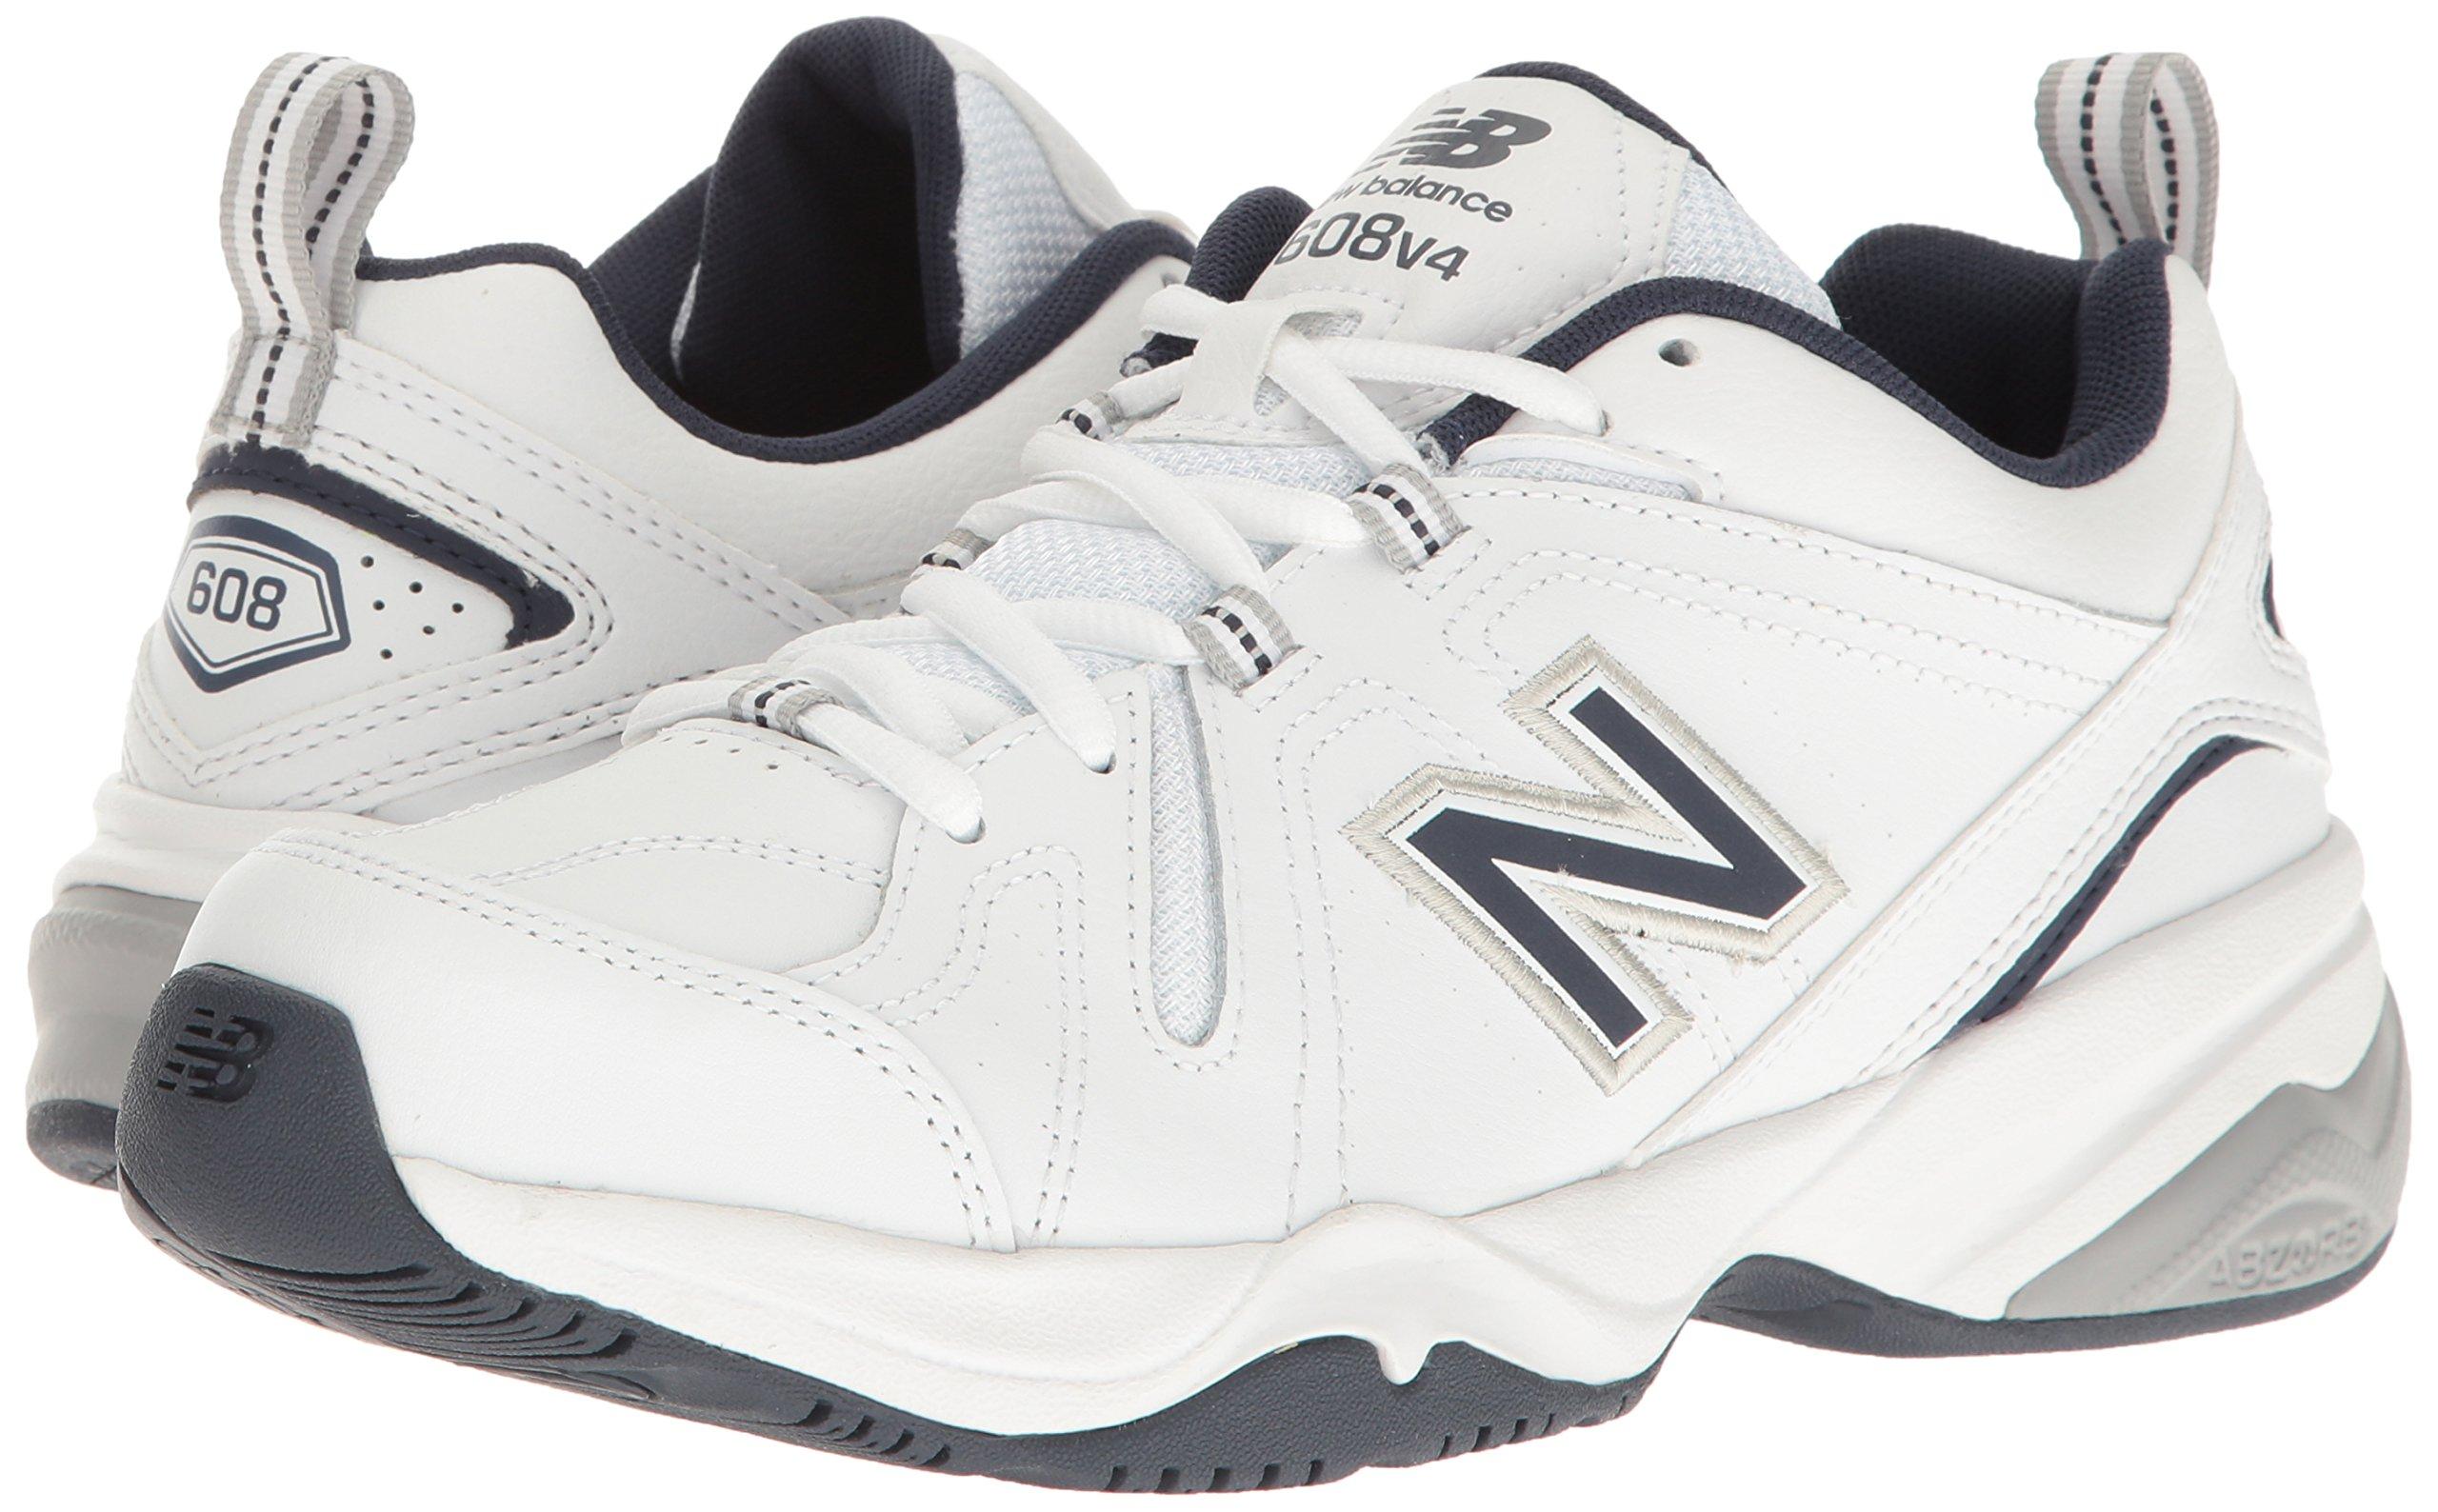 New Balance Men's MX608v4 Training Shoe, White/Navy, 7.5 4E US by New Balance (Image #6)